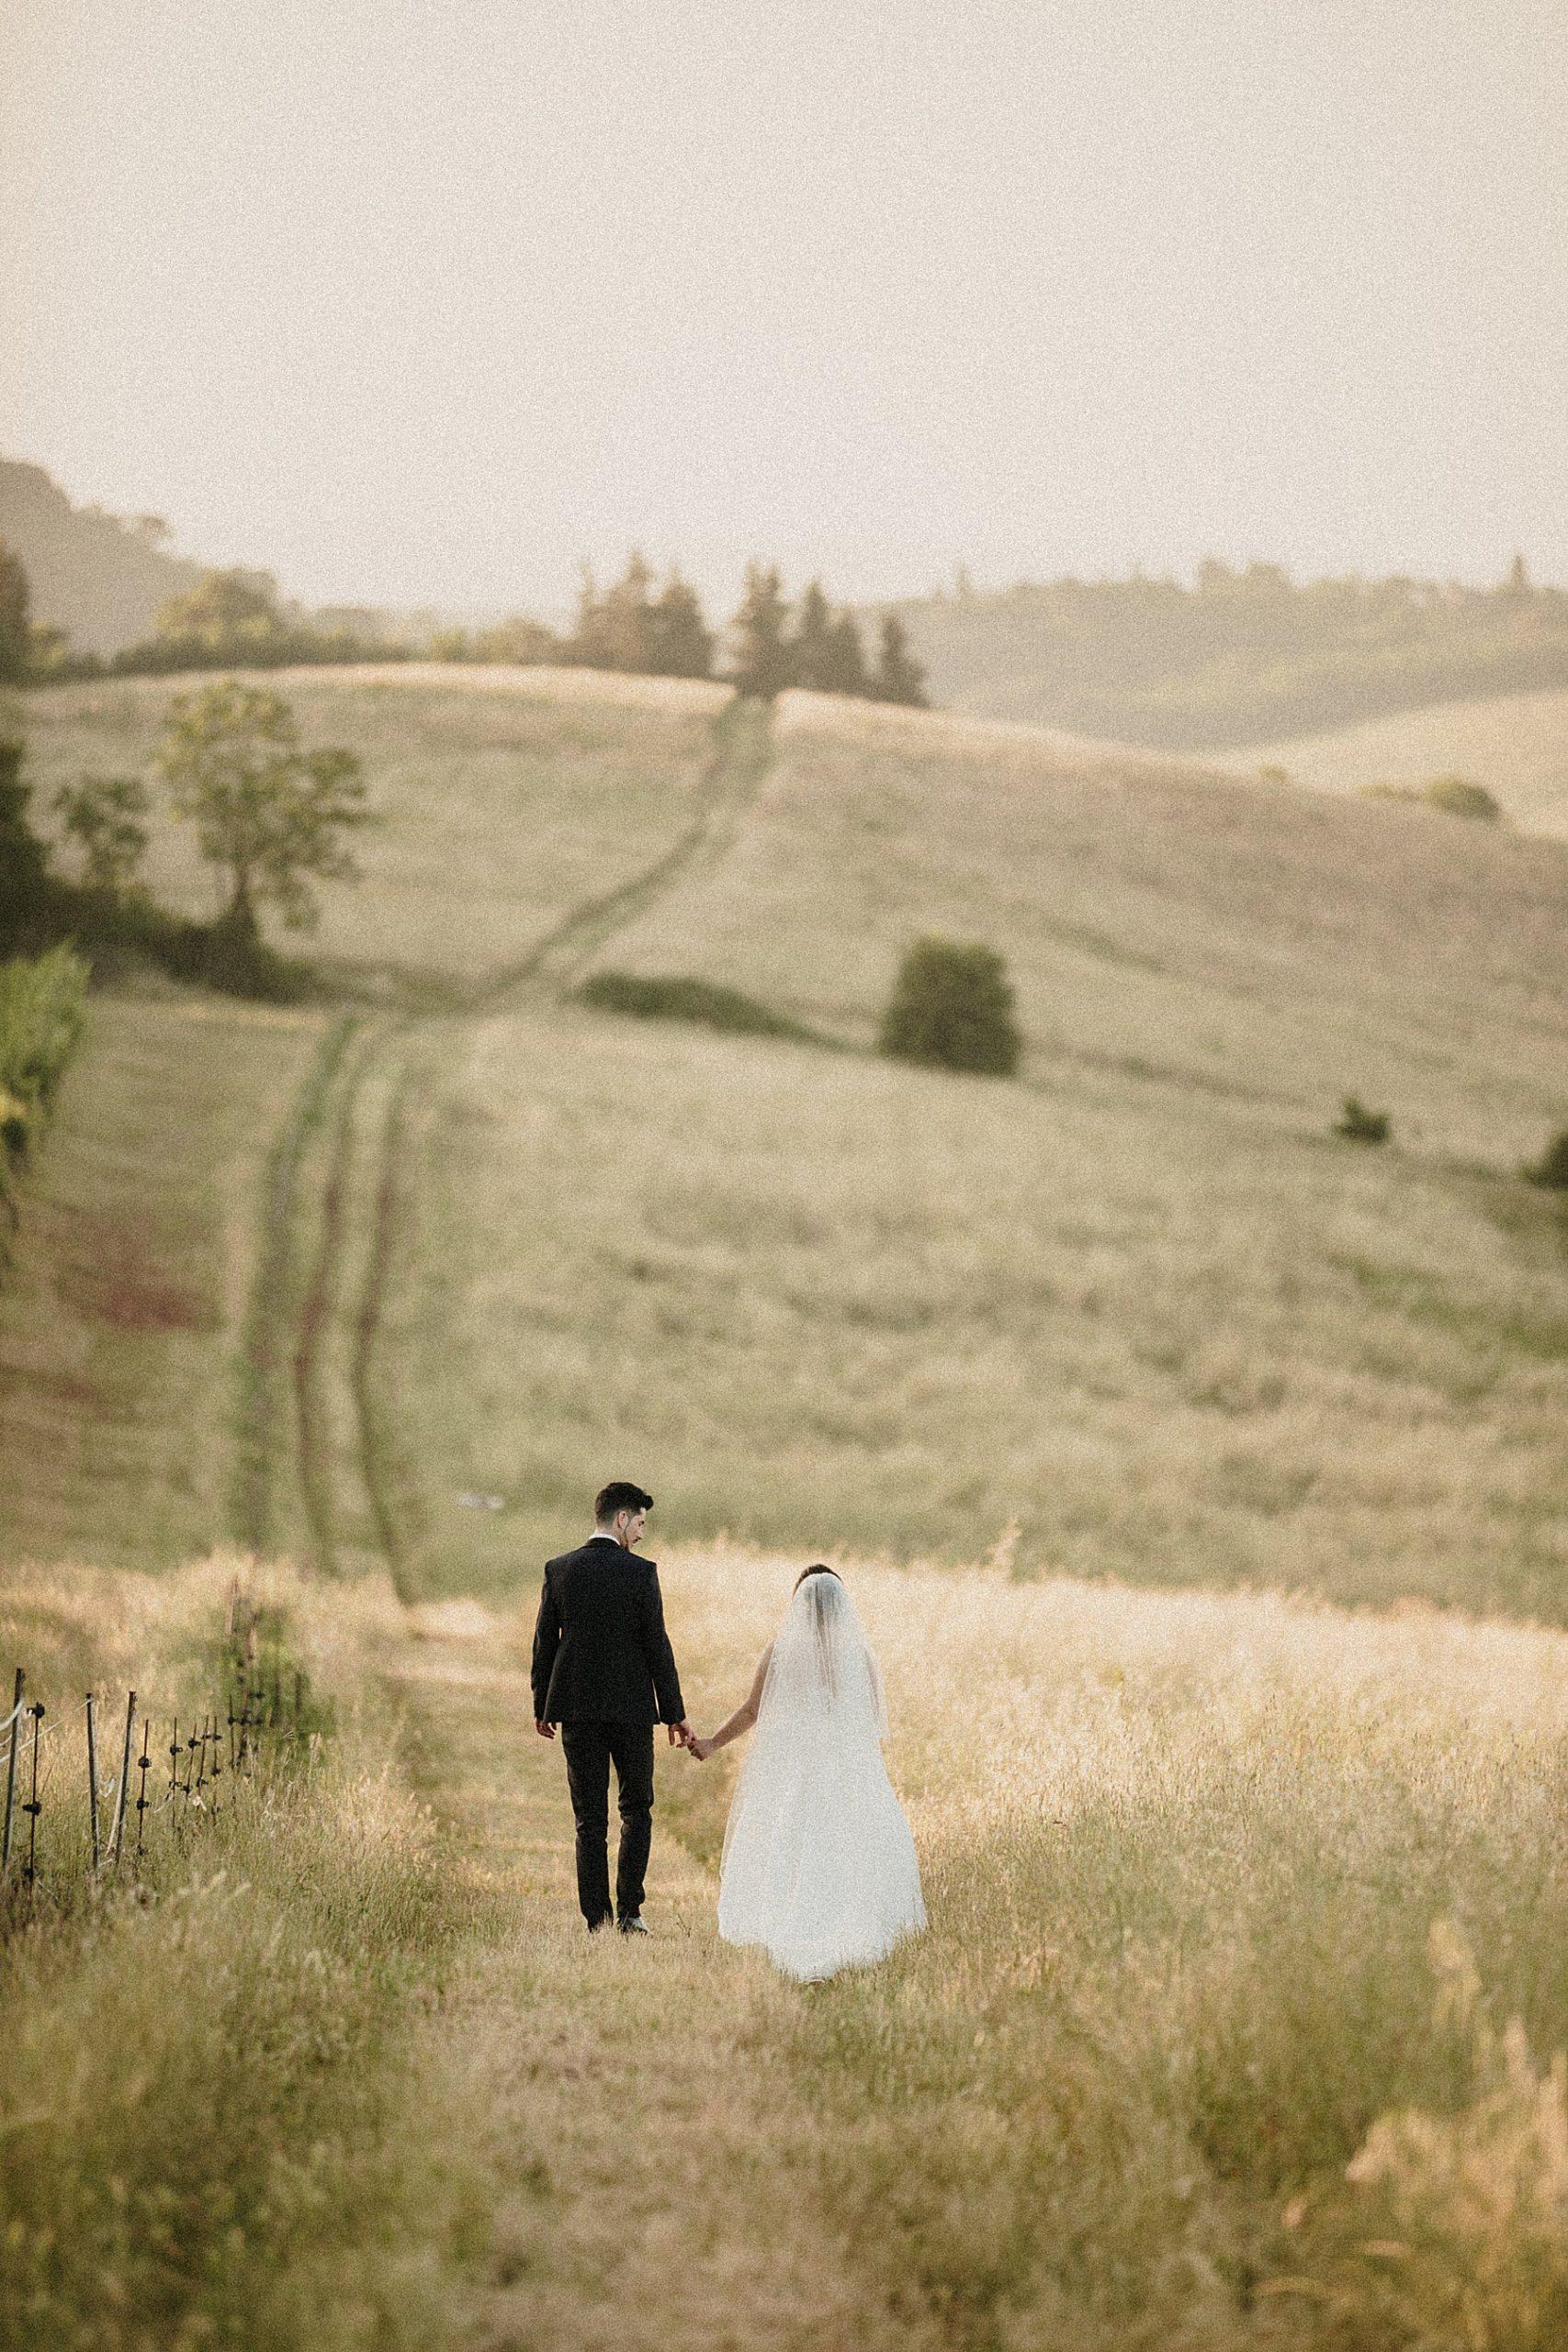 matrimonio tenuta bichi borghesi monteriggioni 3041